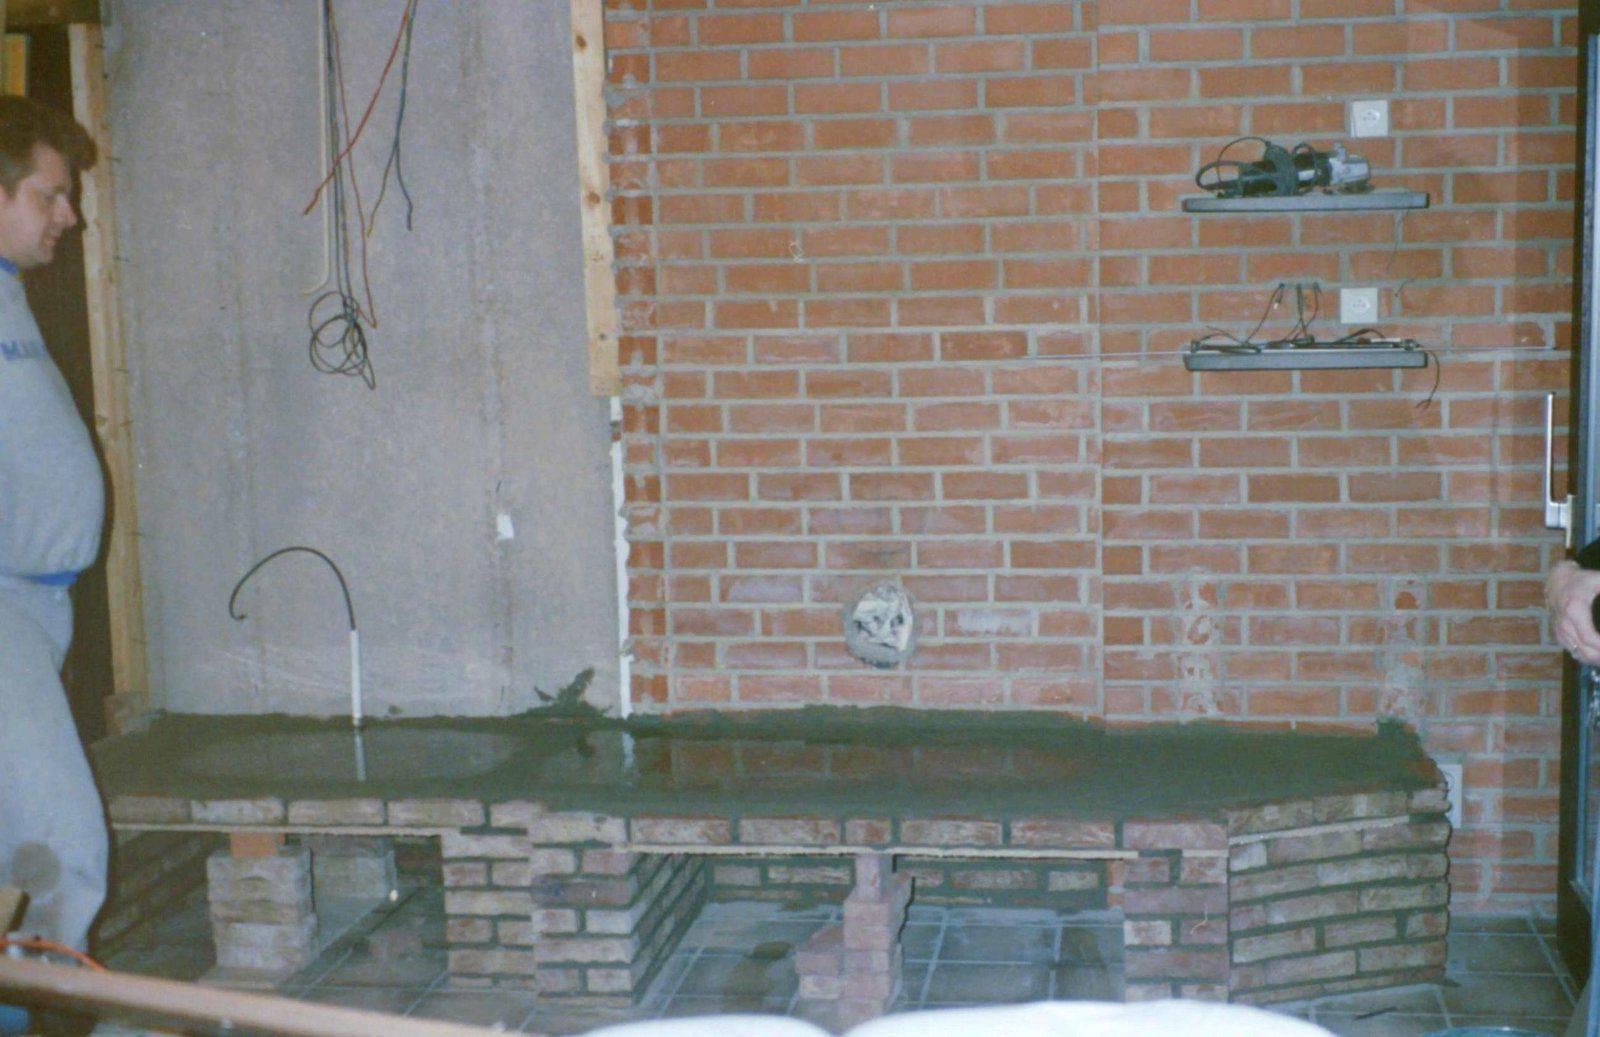 4-13-2010 18-28-54_016.jpg